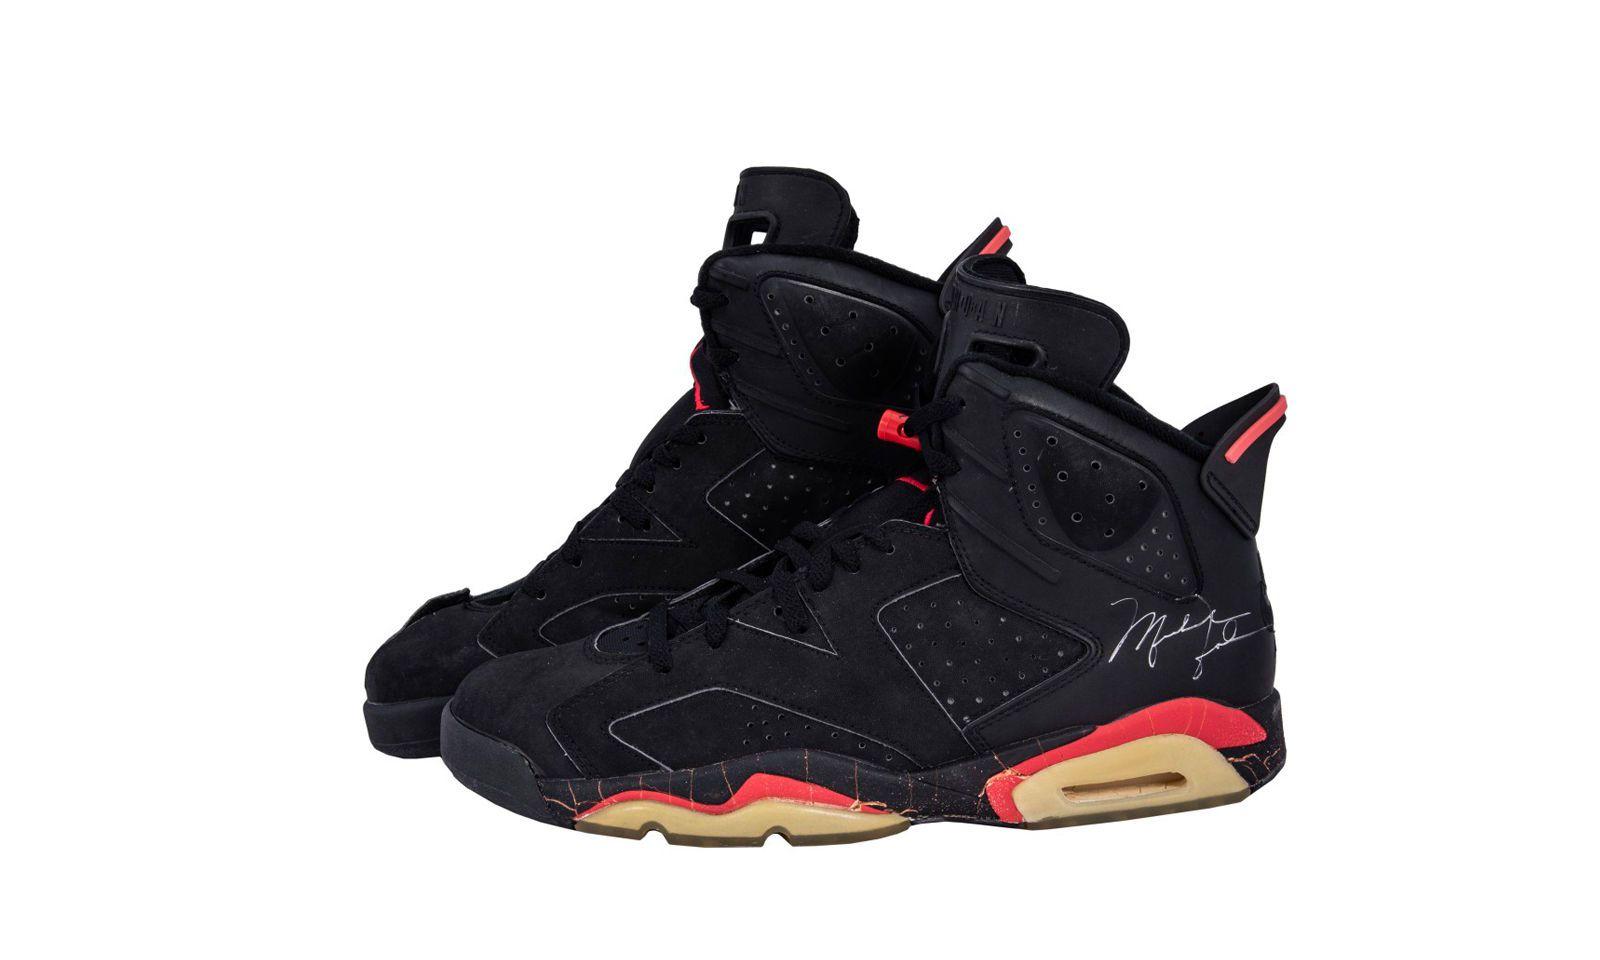 Ein Paar gebrauchte Schuhe für 750.000 US-Dollar?